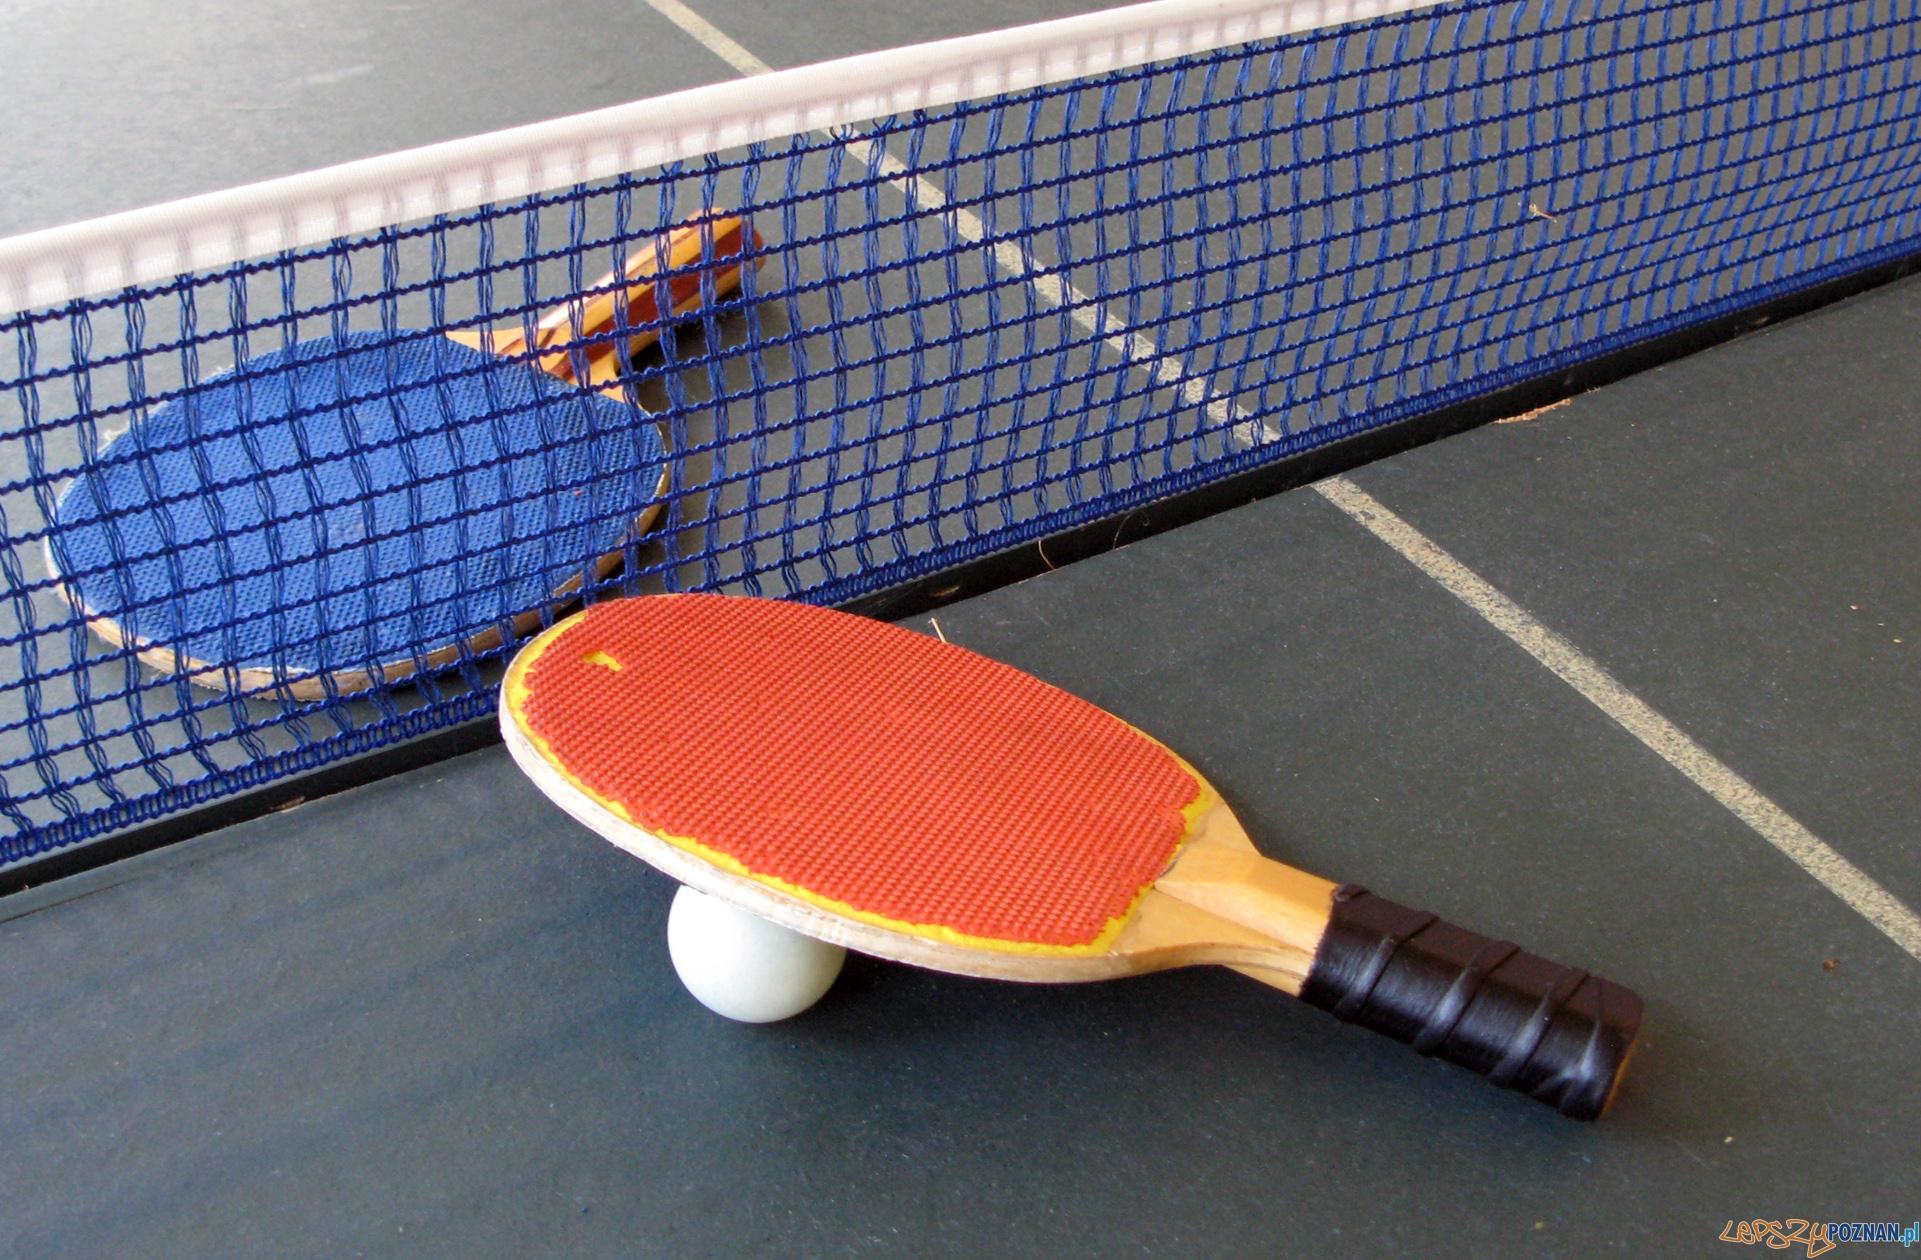 tenis stołowy  Foto: sxc